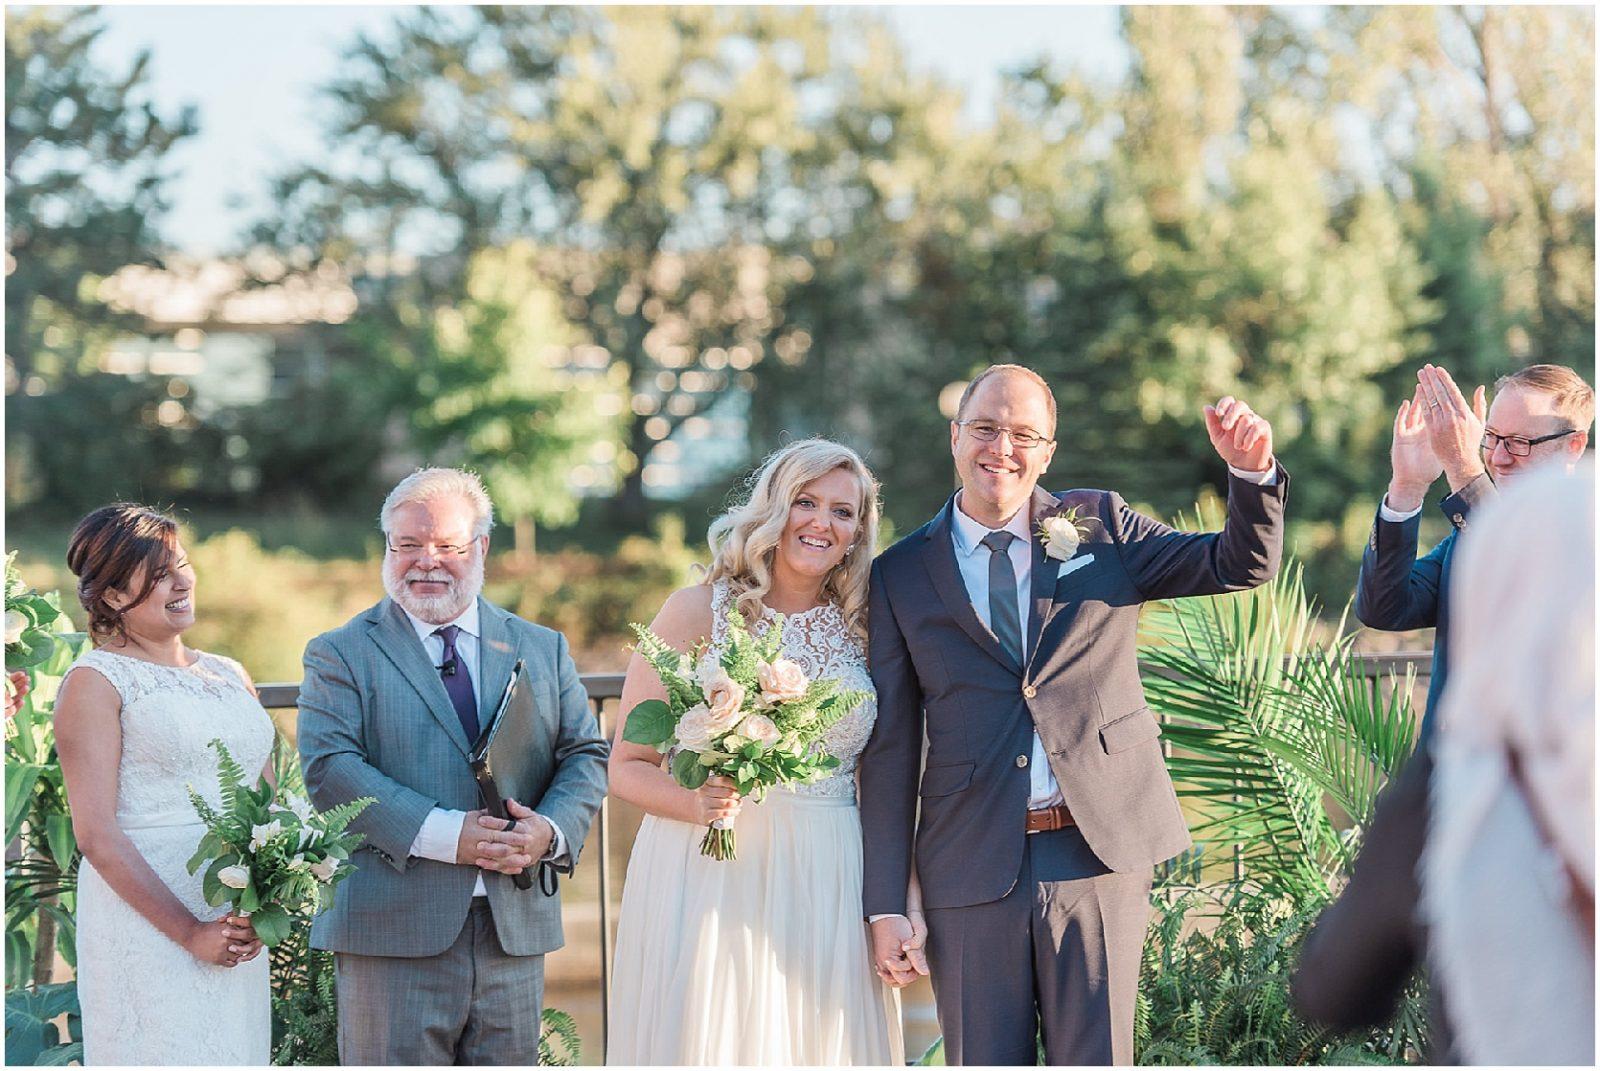 0166 SS-Late Summer Wedding at Zibi - Ottawa_PhotosbyEmmaH_WEB.jpg